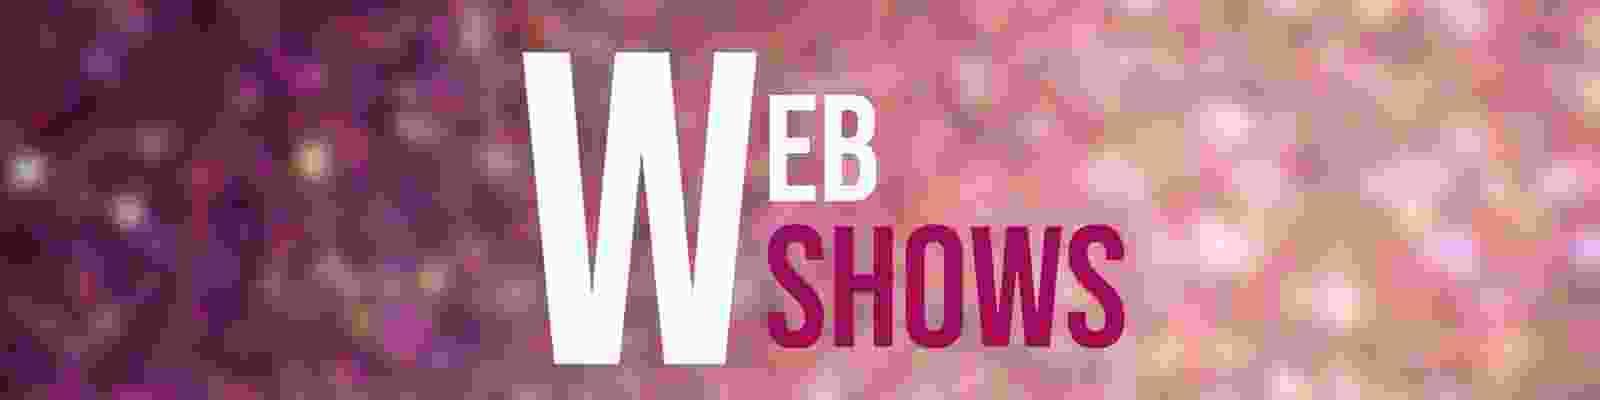 Low qual banner vibrnz webshow